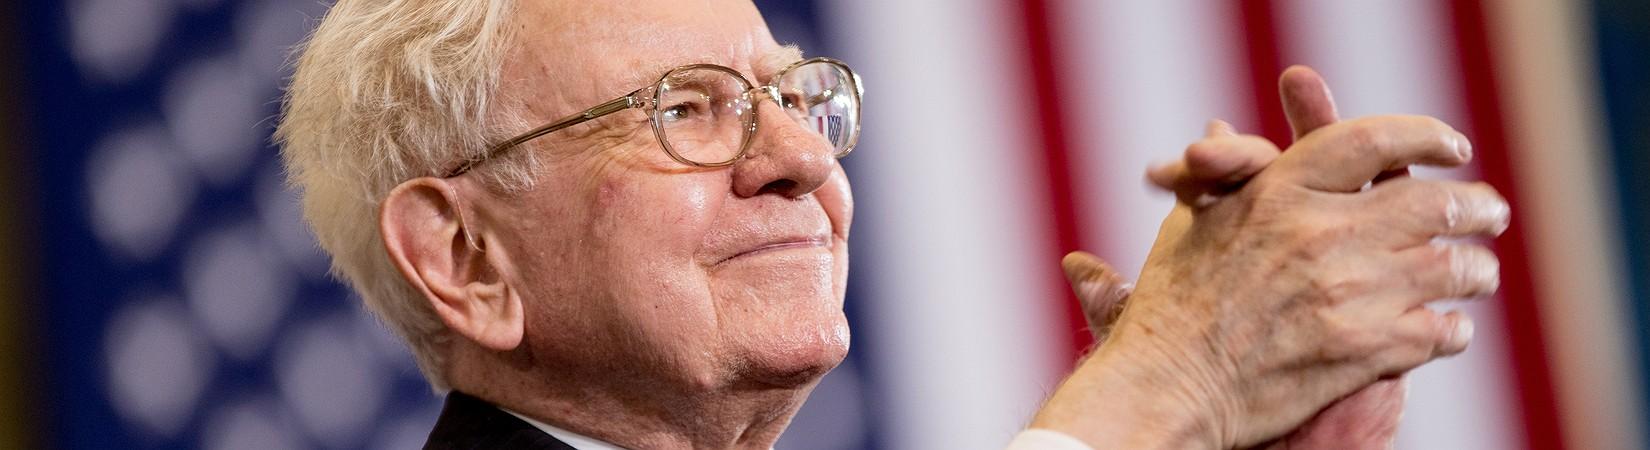 VÍDEO: 10 datos sorprendentes sobre Warren Buffett y su riqueza